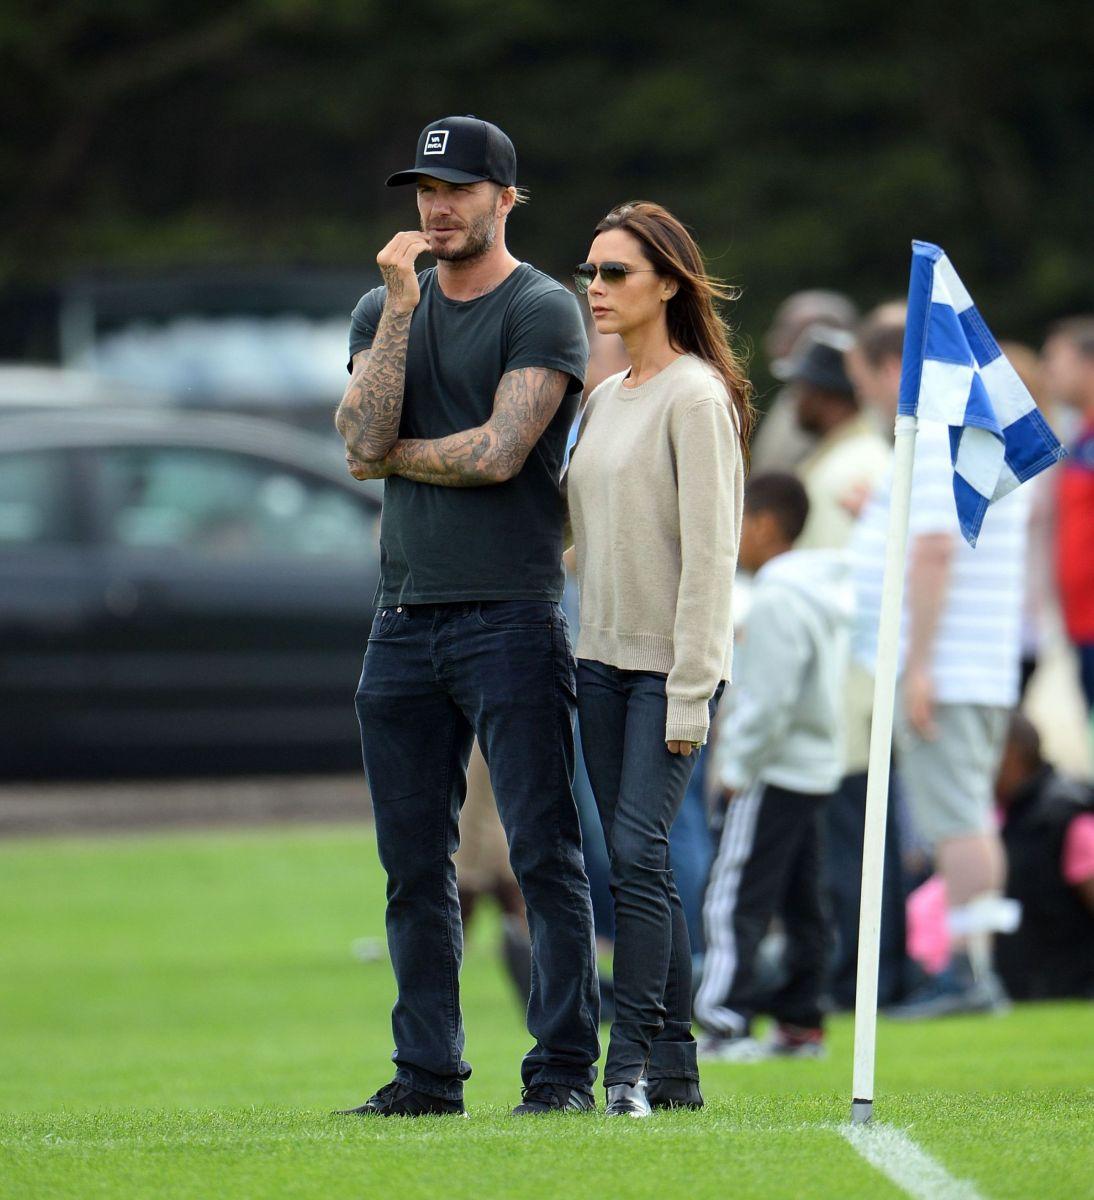 Виктория и Дэвид Бекхэм на футбольном поле